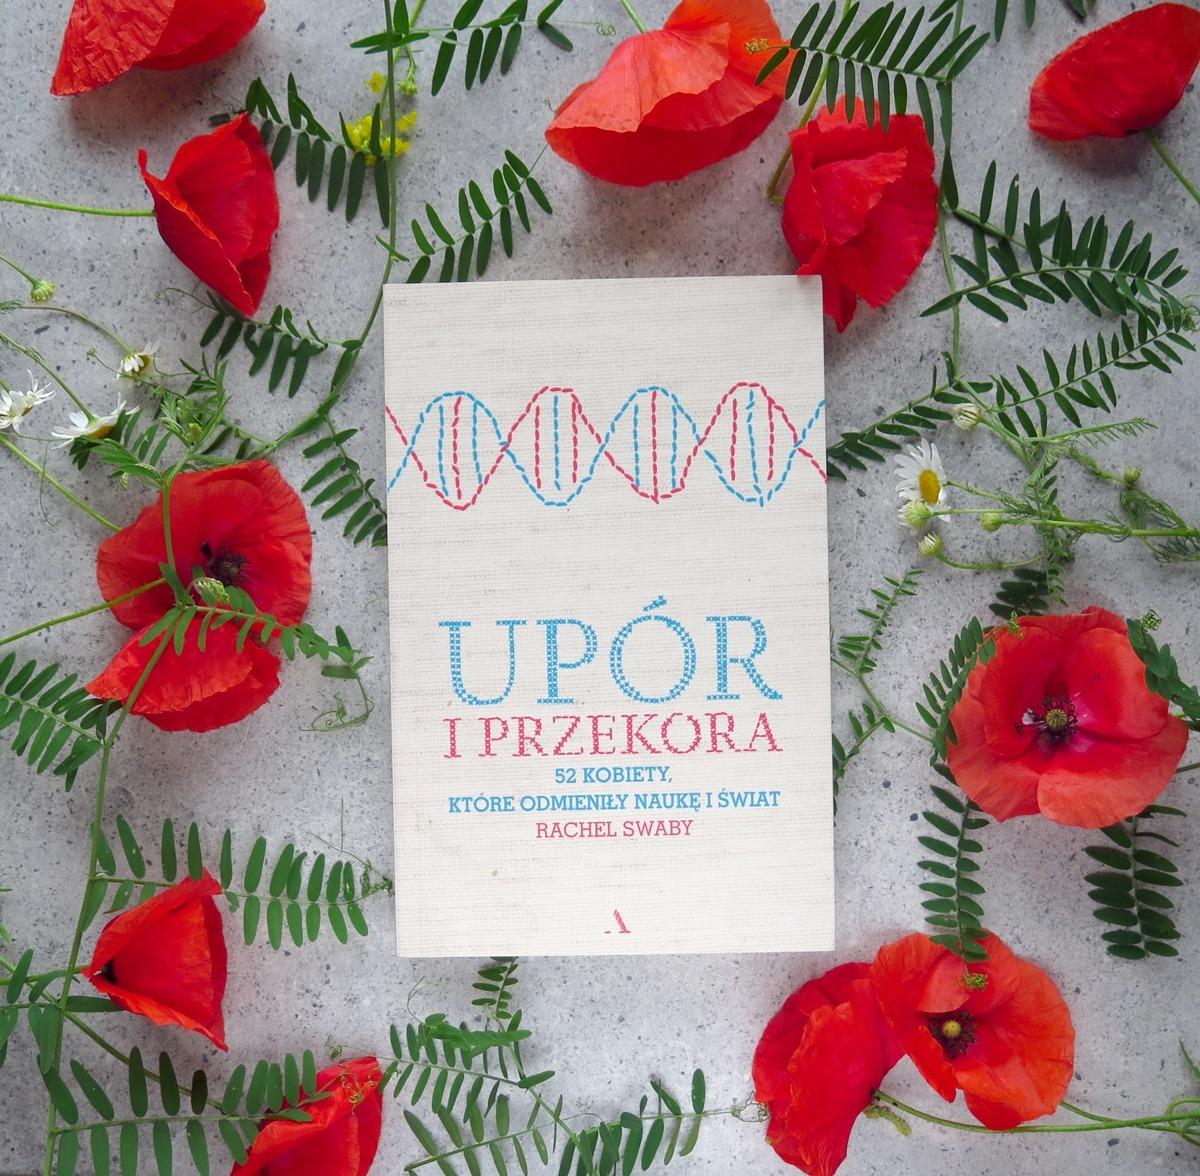 książka popularnonaukowa powieść naukowiec kobieta upór przekora